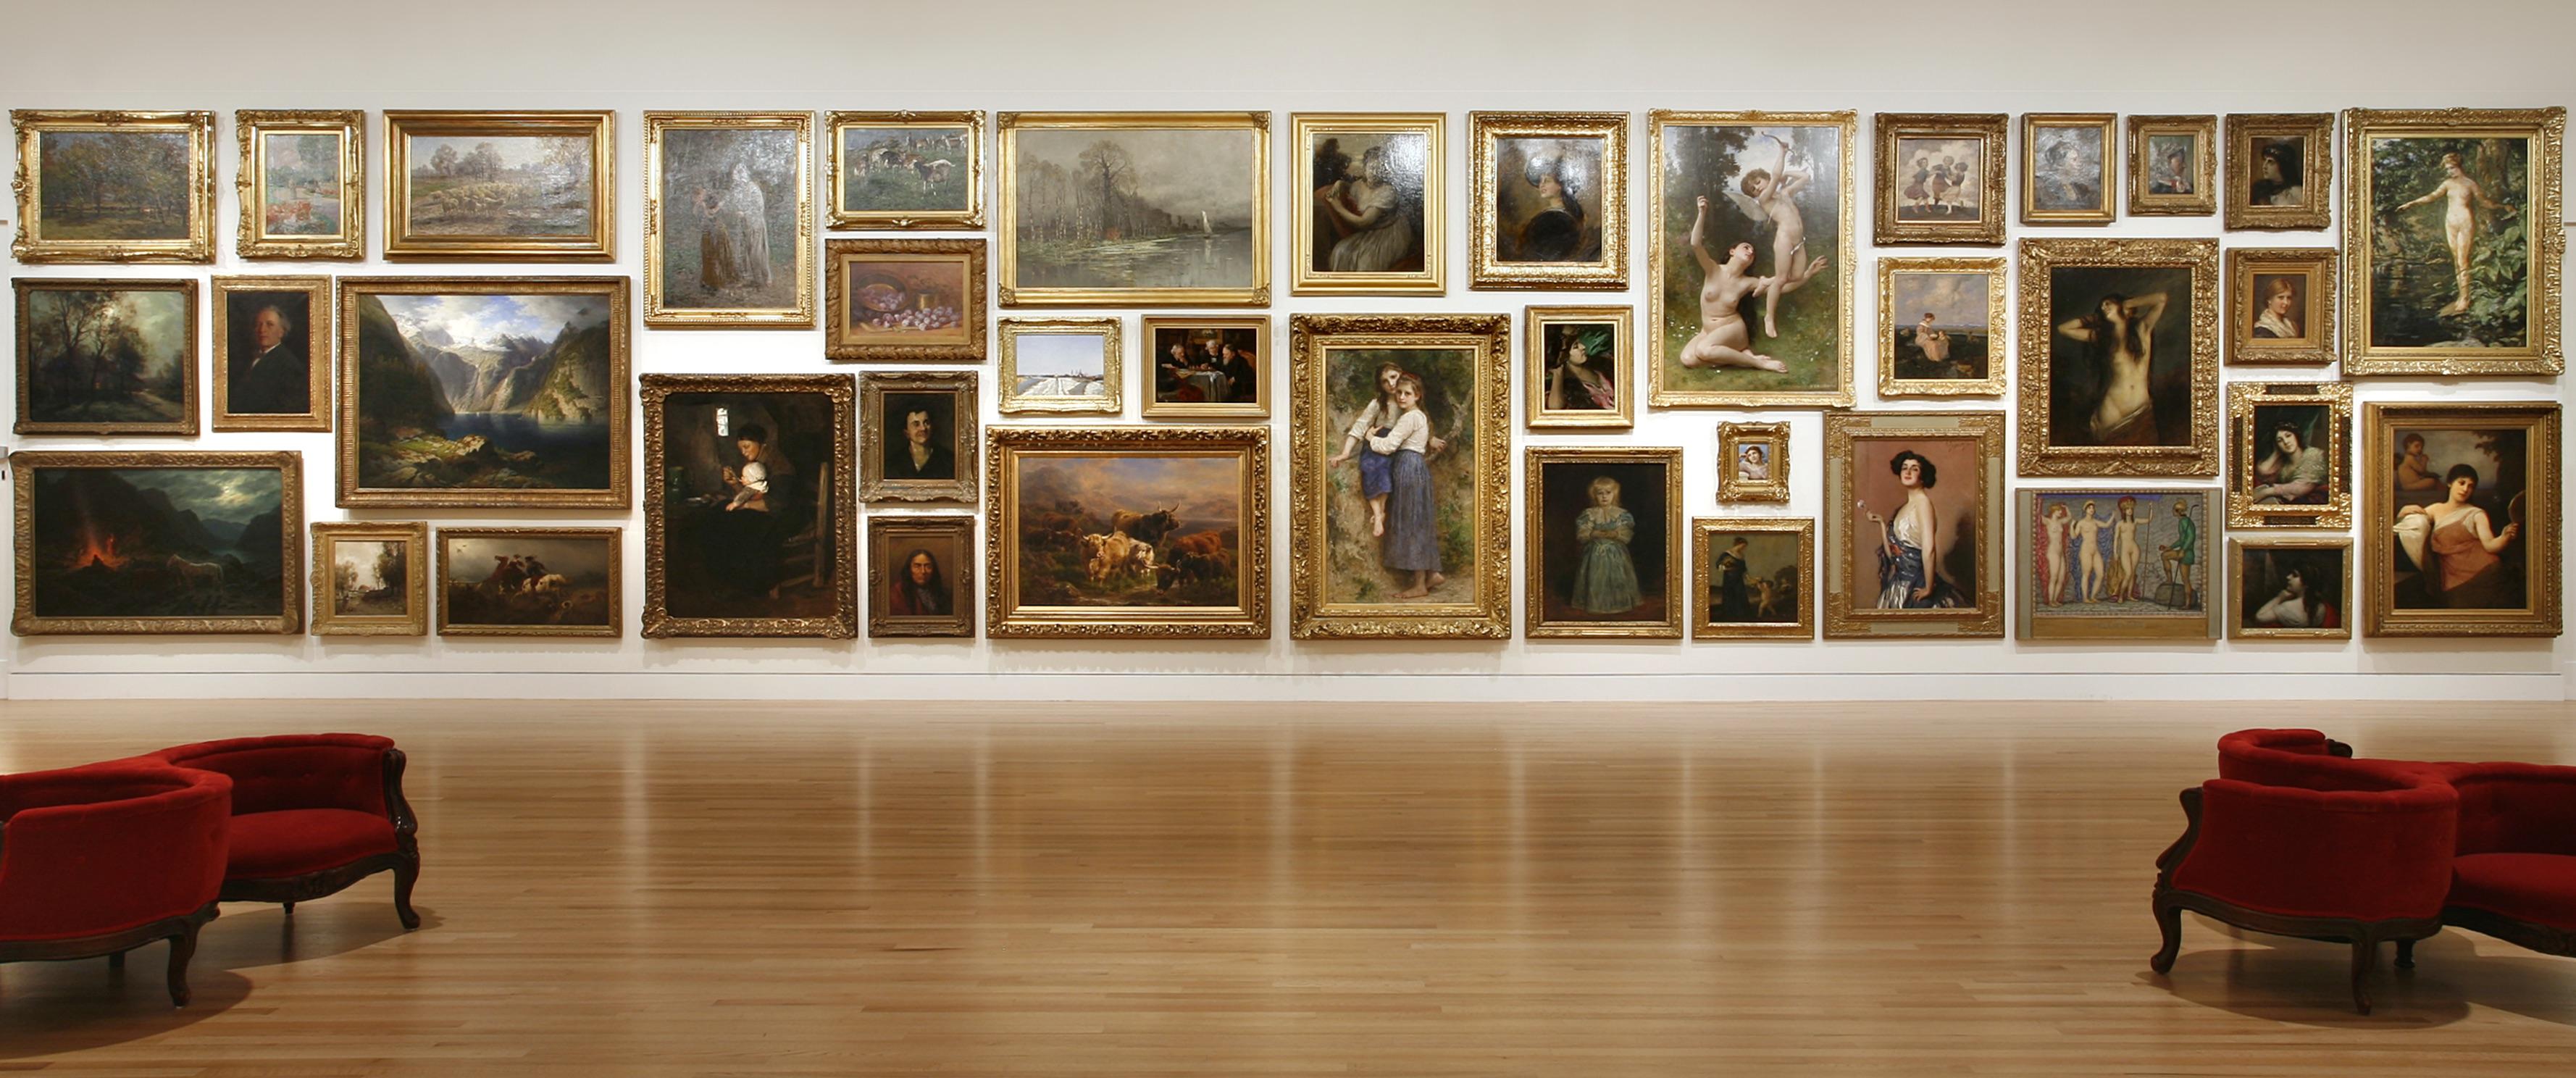 Frye Art Museum | Daniels Real Estate | Seattle